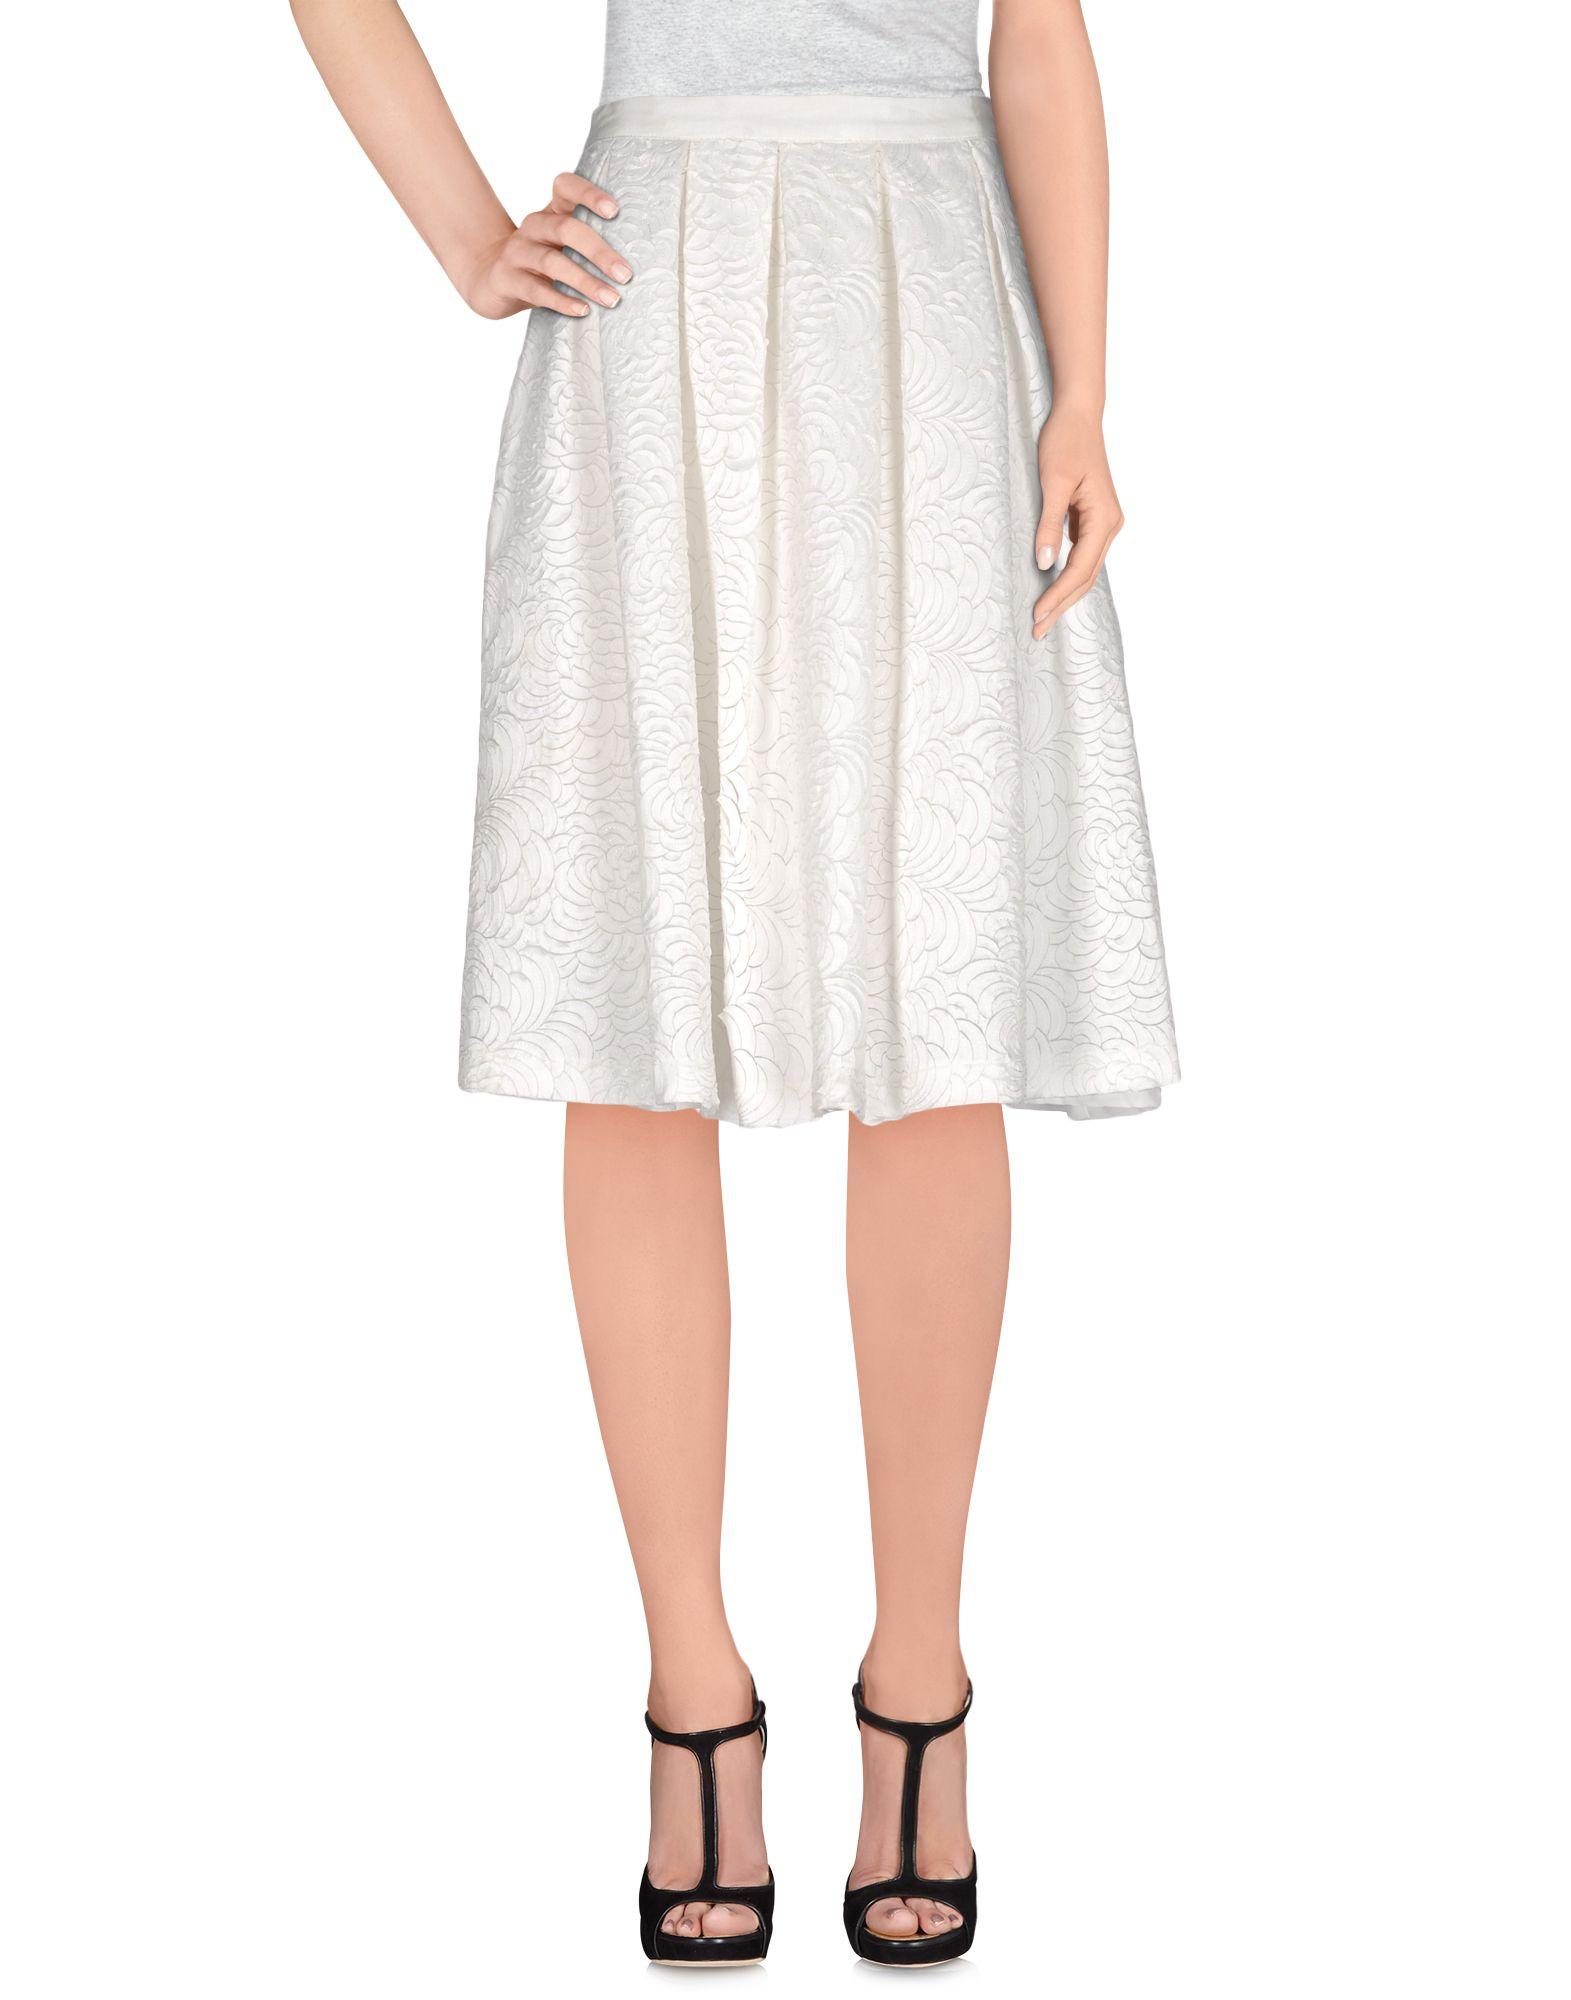 50b510d9e2 Minifaldas - Faldas